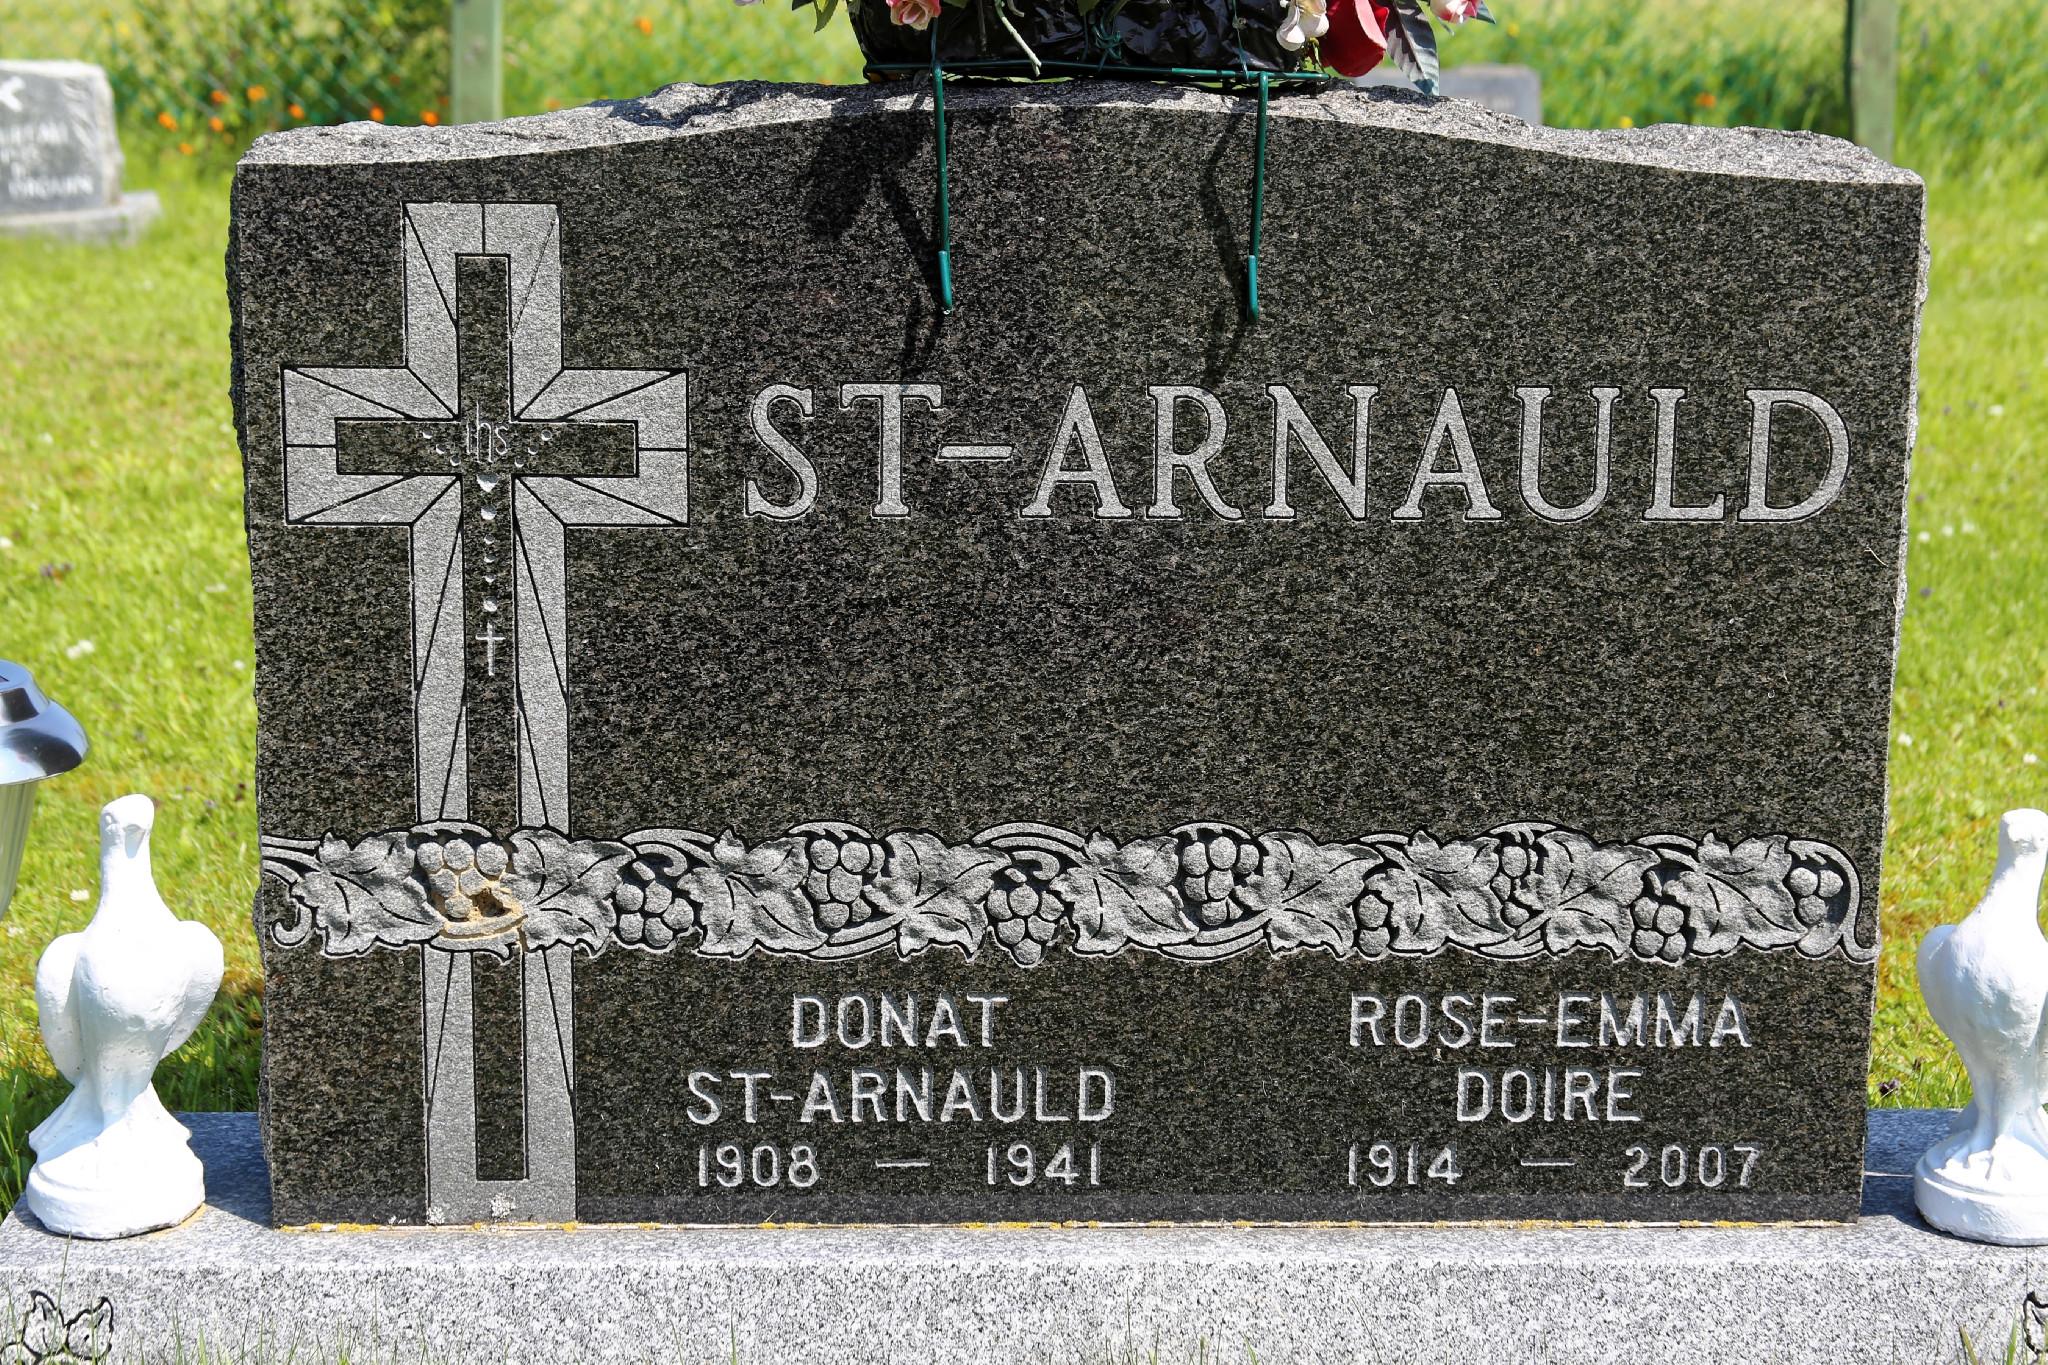 Donat St-Arnauld